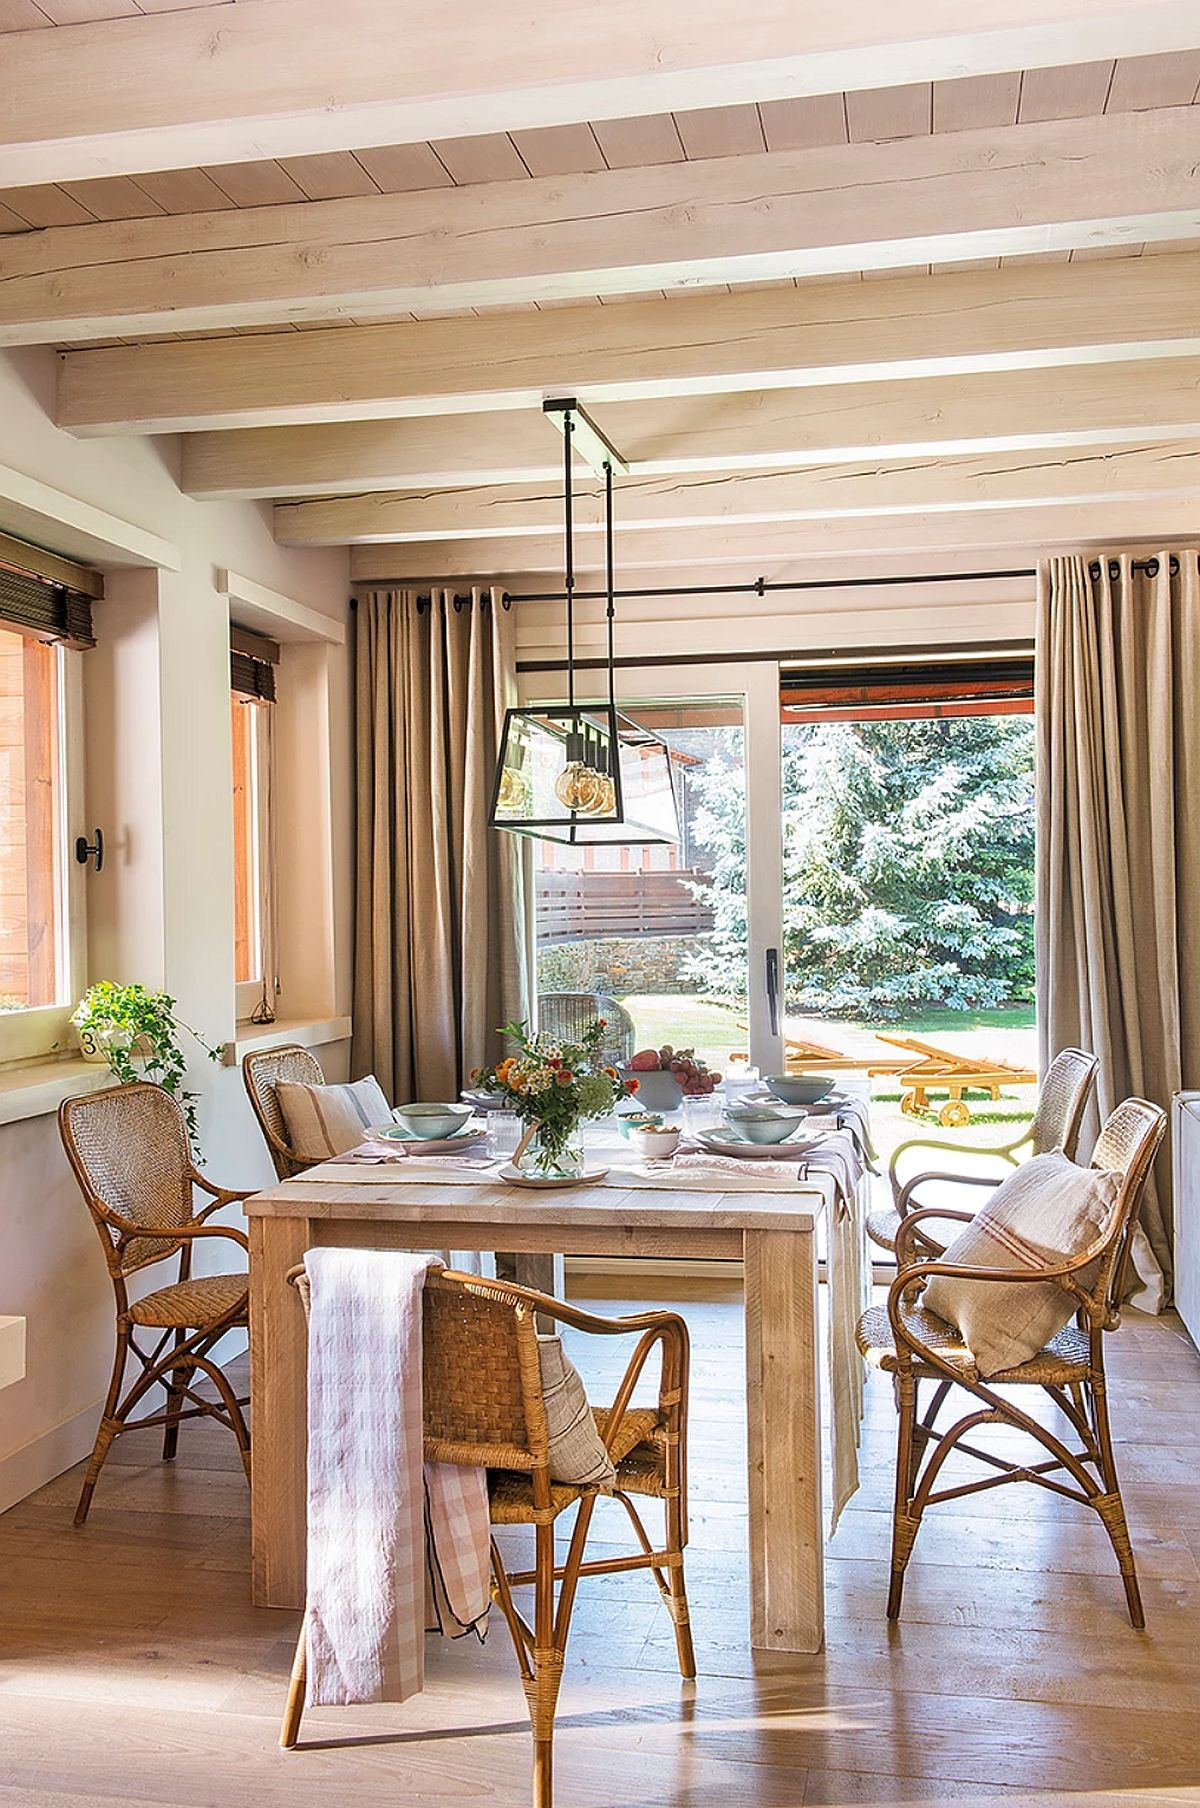 Locul de luat masa este primul ca se vede la intrarea în casă, după hol, ceea ce-i conferă zonei de zi un aer primitor. Fiind locul de la parter cu cele mai multe ferestre era ideal pentur locul de luat masa.